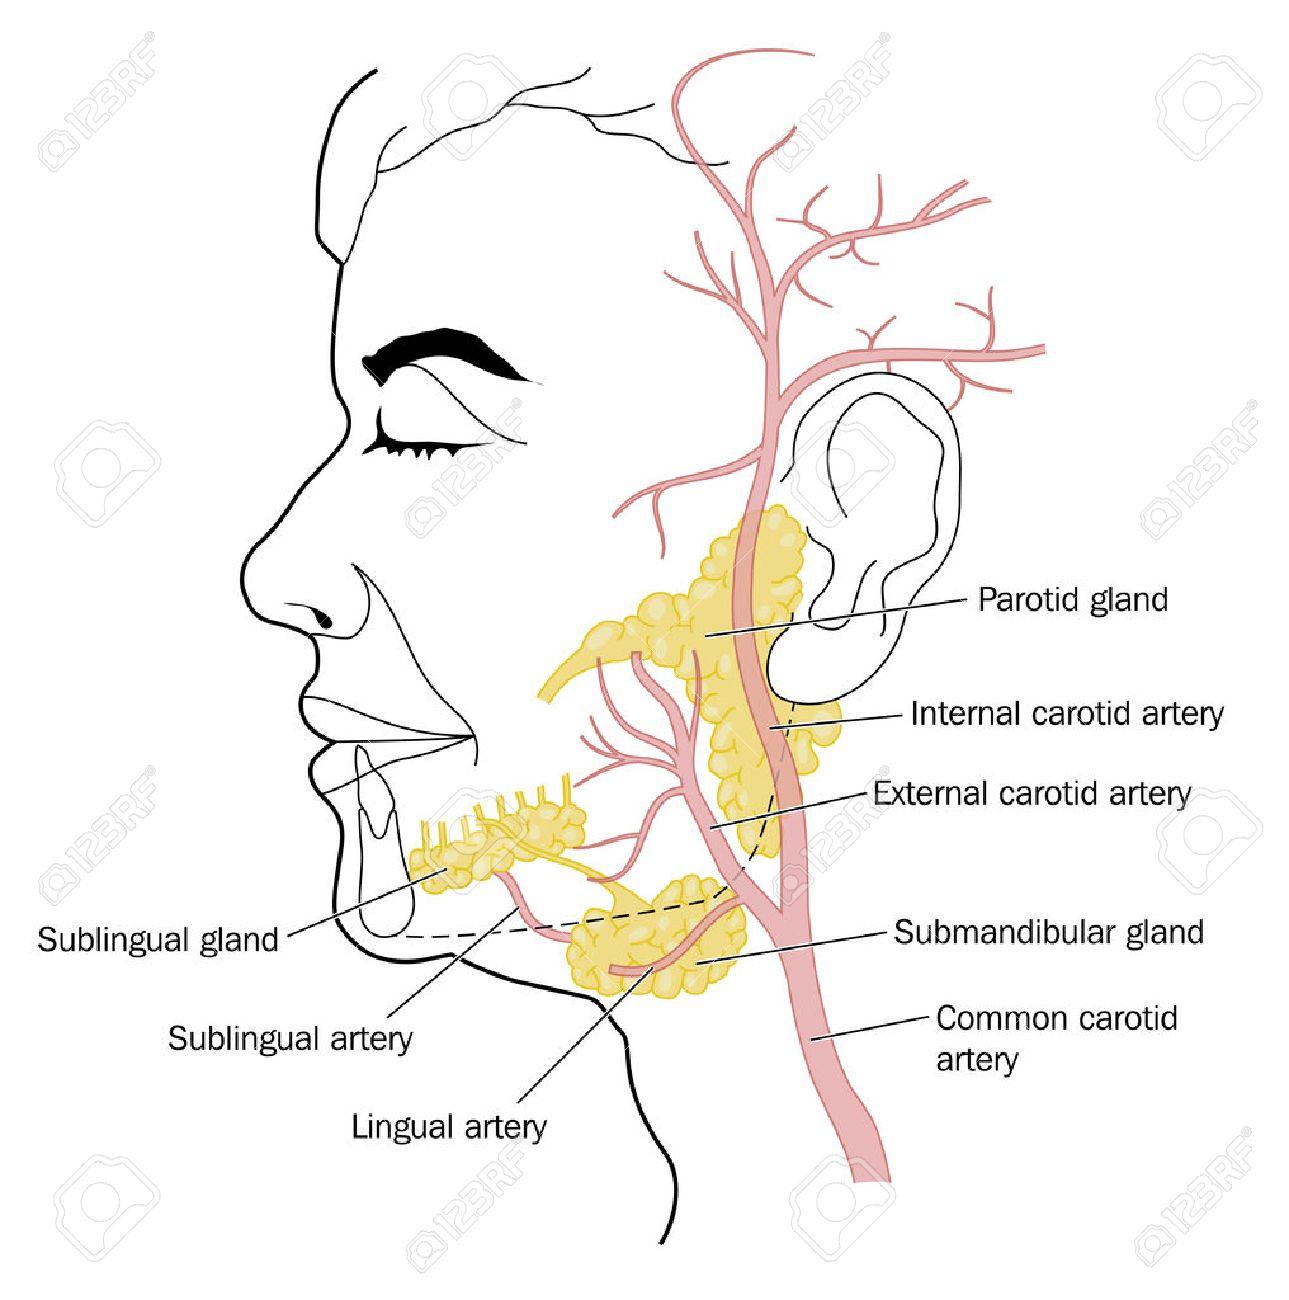 Las Glándulas Salivales Y Los Vasos Sanguíneos Del Cuello Y La Cara ...